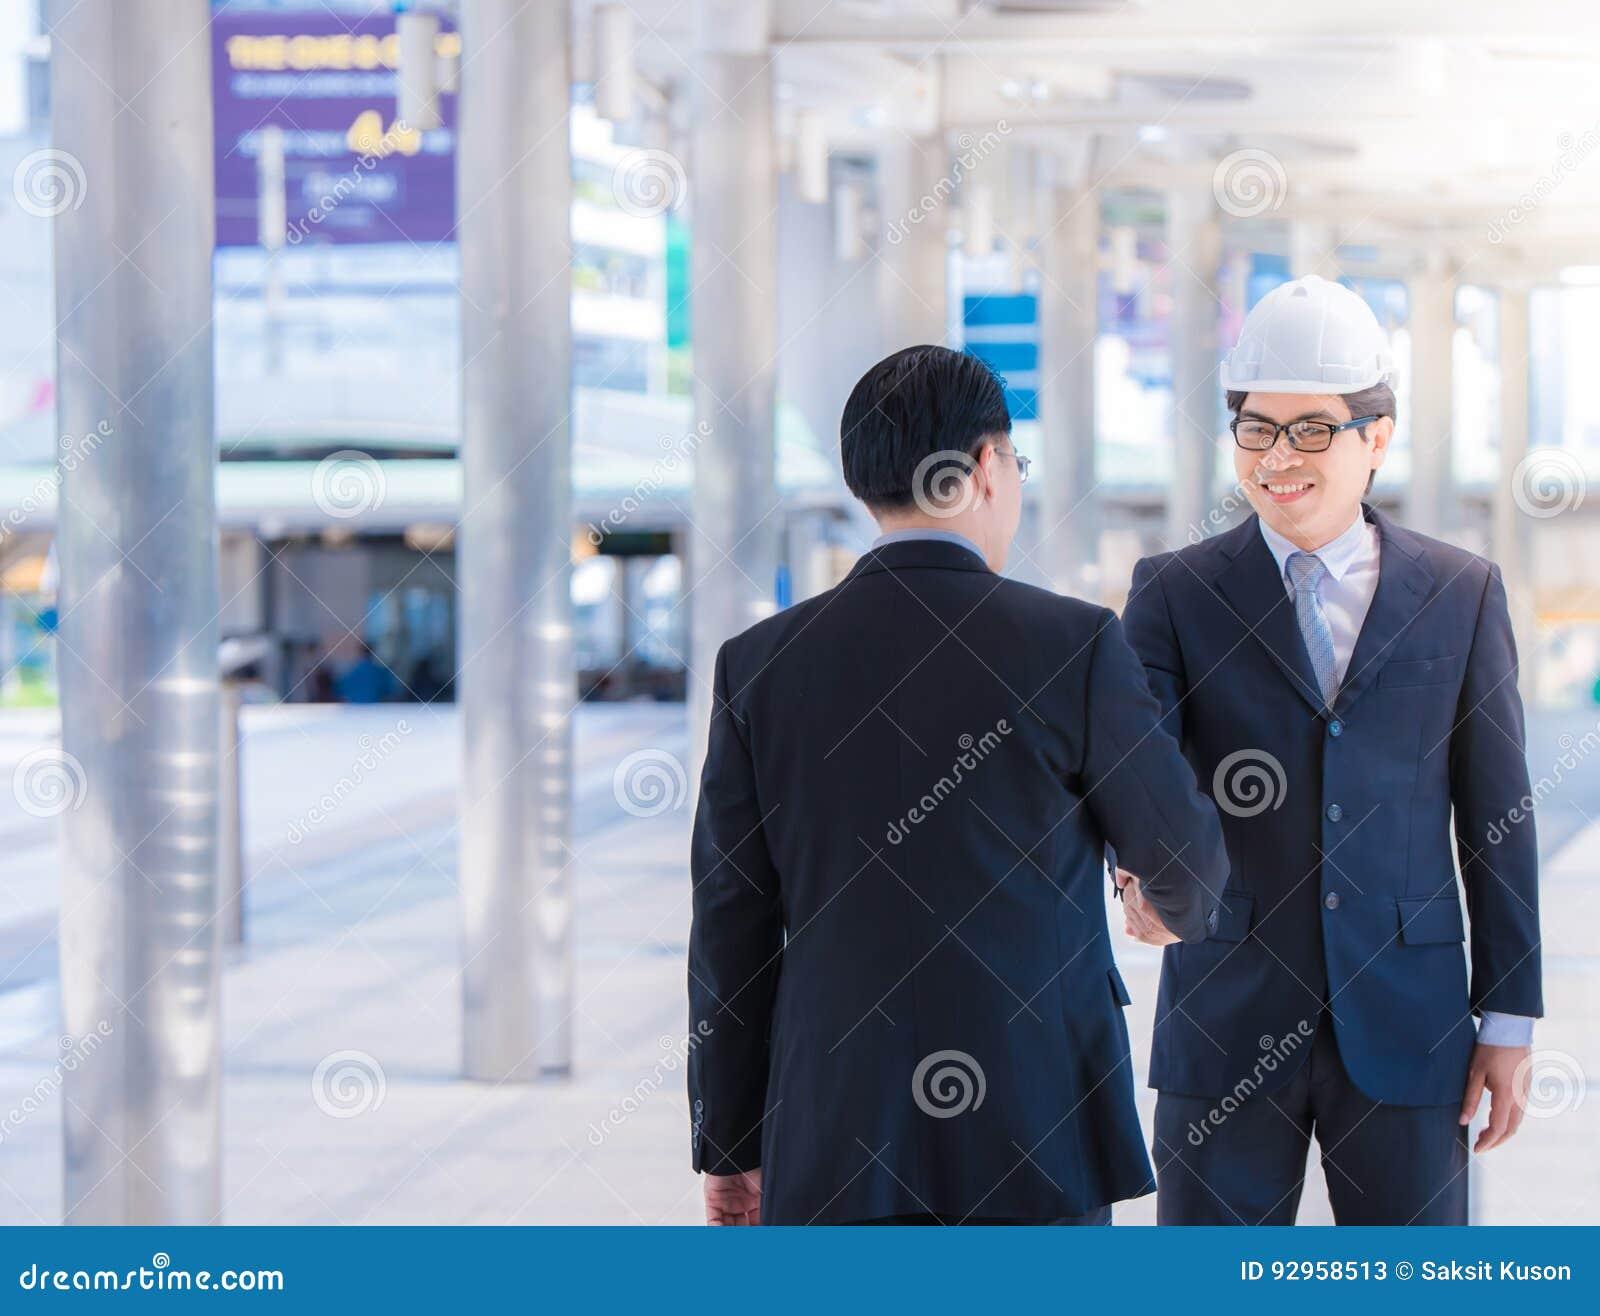 Портрет мужского архитектора с защитным шлемом безопасности приветствуя его партнера Построитель молодого человека показывая руко